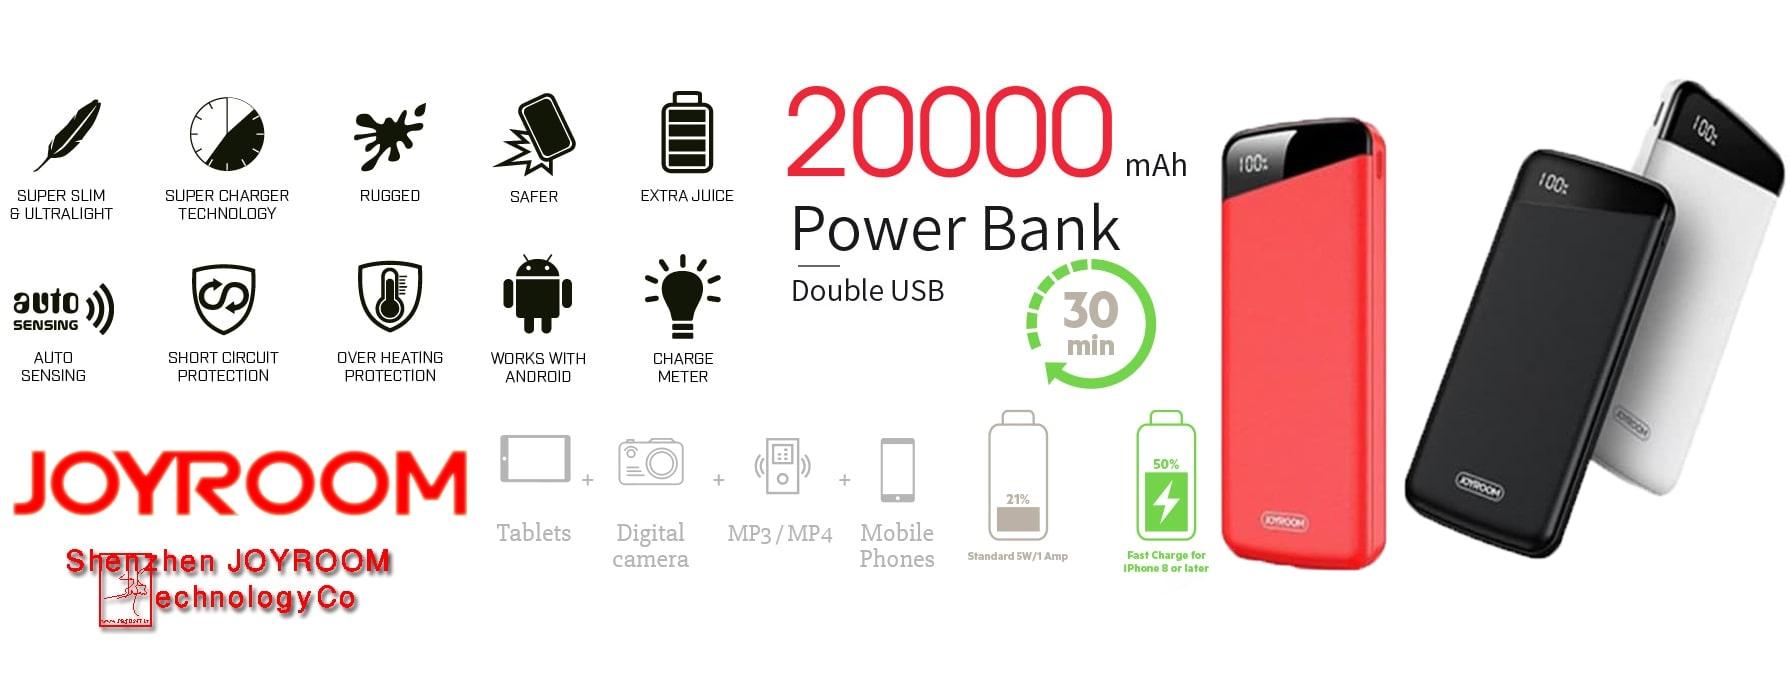 پاور بانک جویروم 20000 میلی آمپر Joyroom DM-195 Plus Powerbank